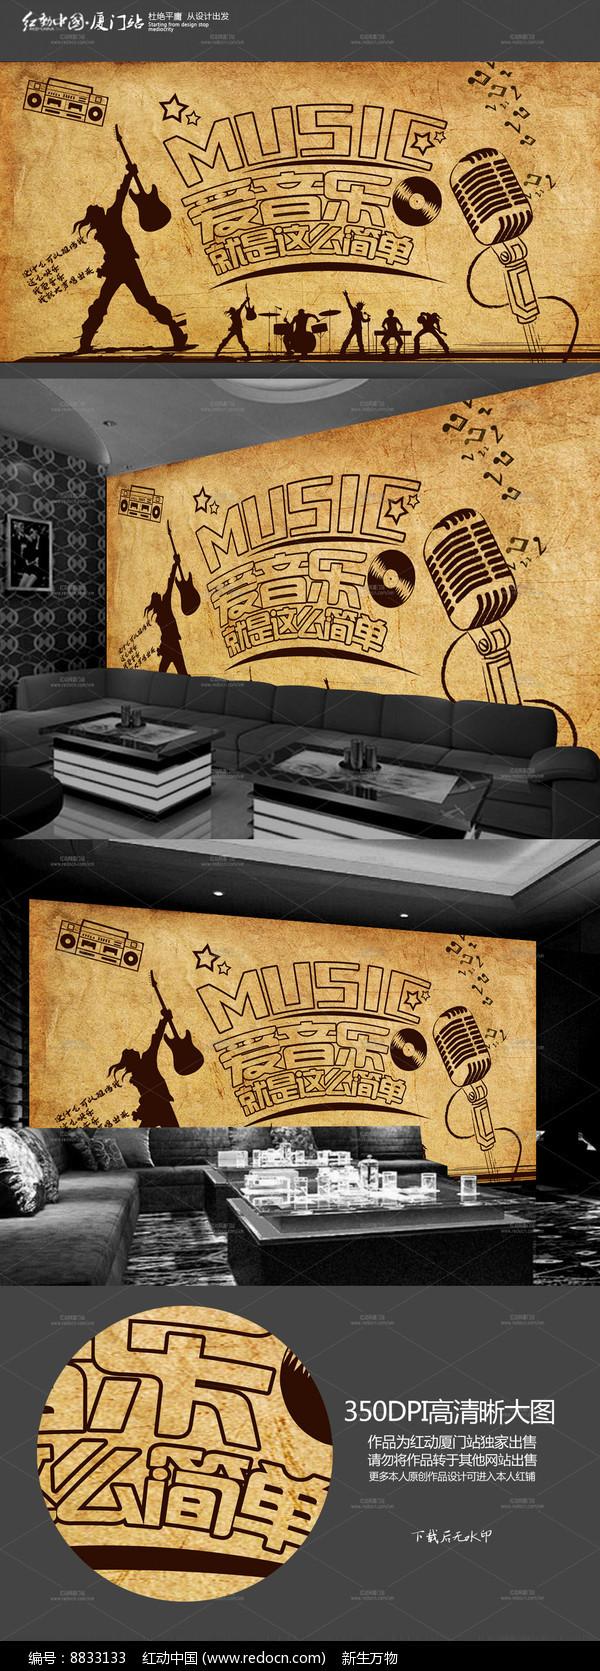 简约KTV音乐背景墙墙画展板图片